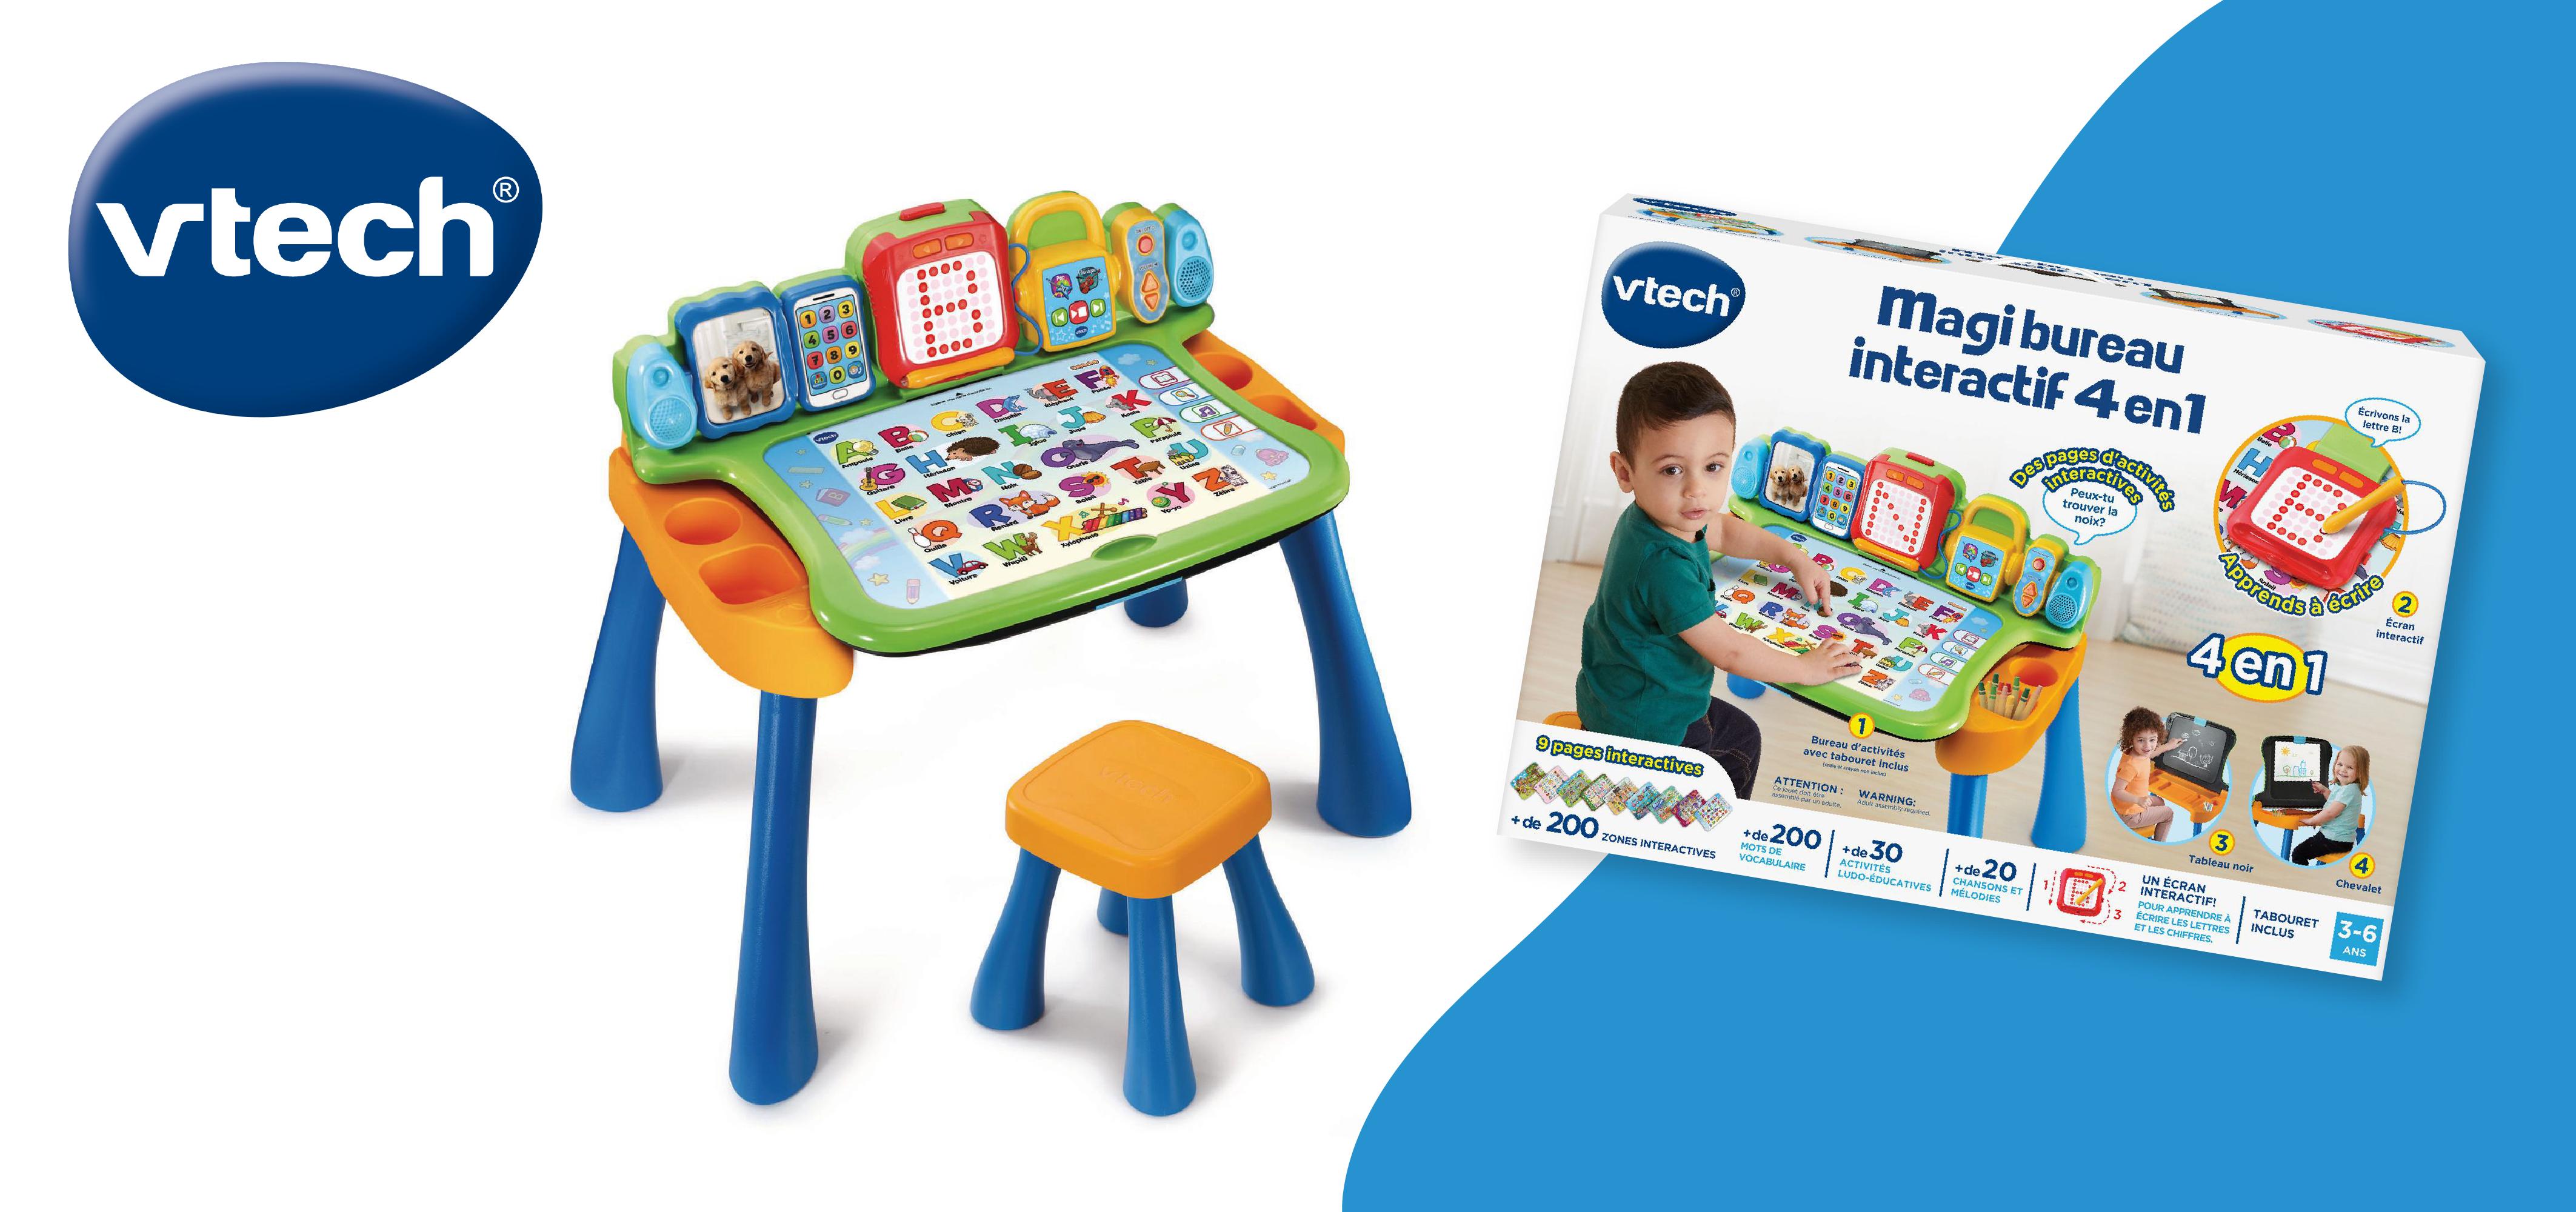 Gagnez un Magi Bureau interactif 4 en 1 de VTech pour amuser et éduquer les enfants